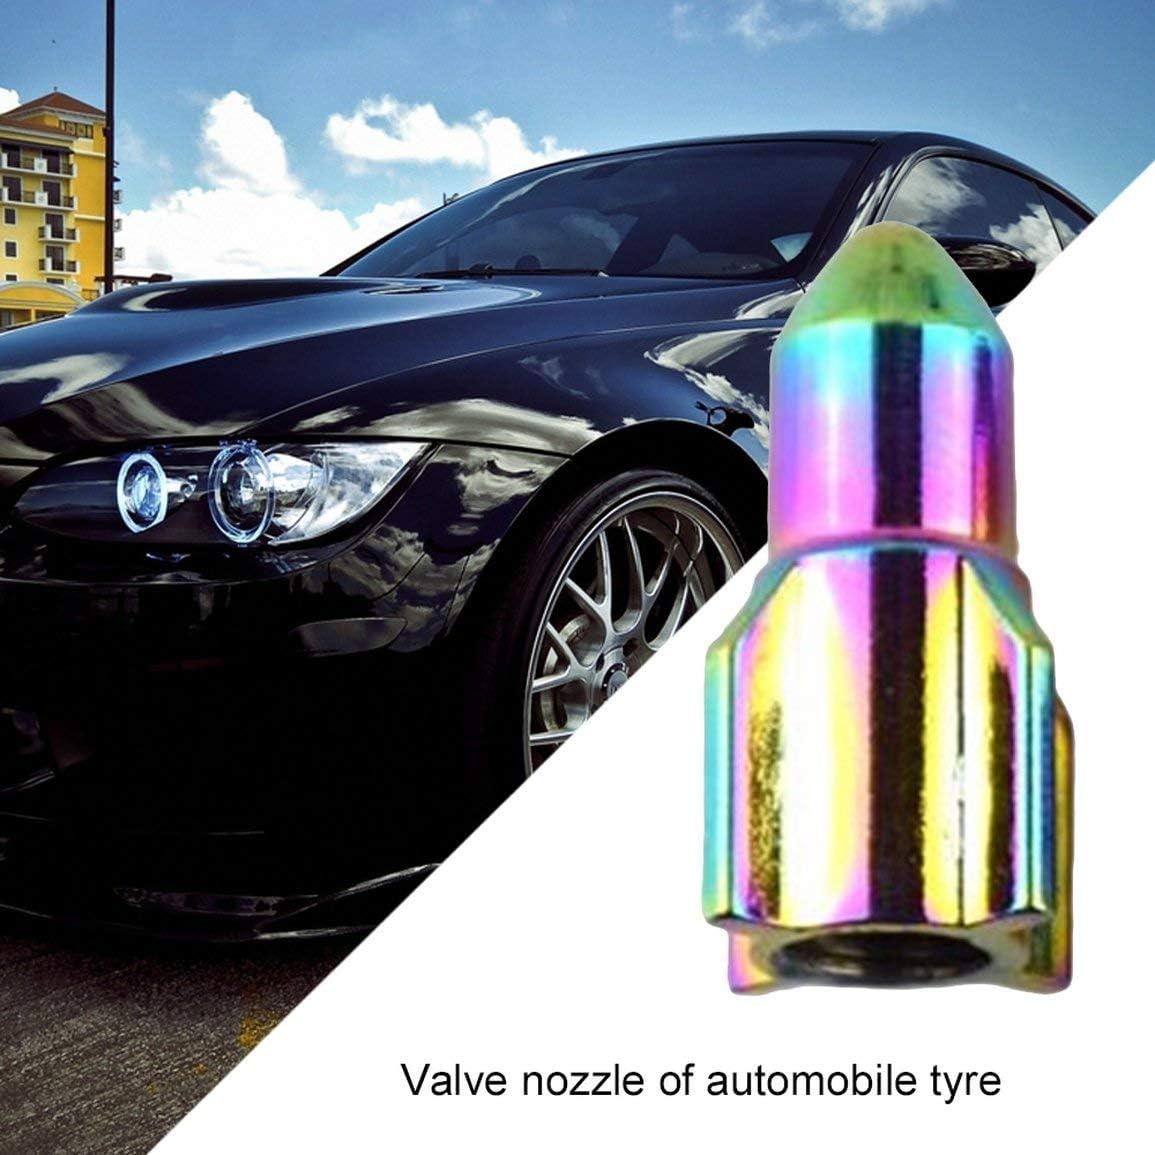 Couleur: Multicolore Garciaria Voiture pratique Pneu de voiture Pneus Valve Dust Caps Auto Moto Stem Caps Bouchon de fus/ée en forme de fus/ée Haute qualit/é Stem Caps